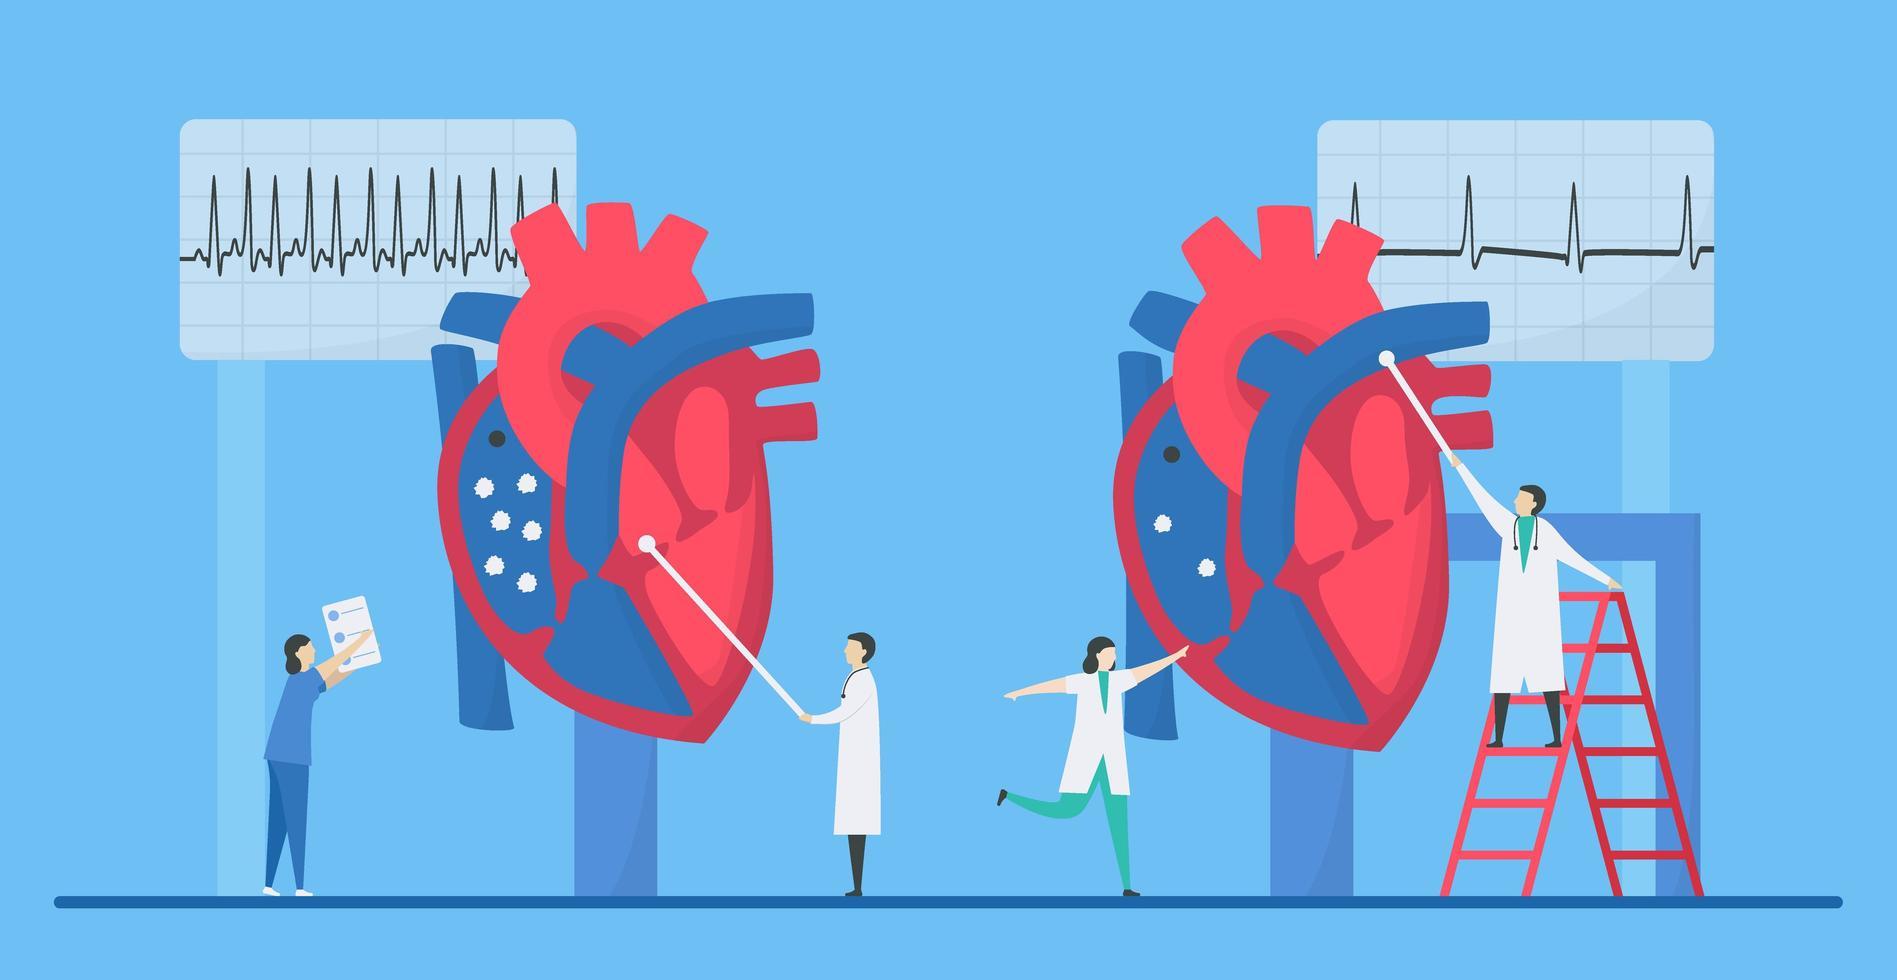 Kardiologie Tachykardie Arrhythmie Konzept vektor